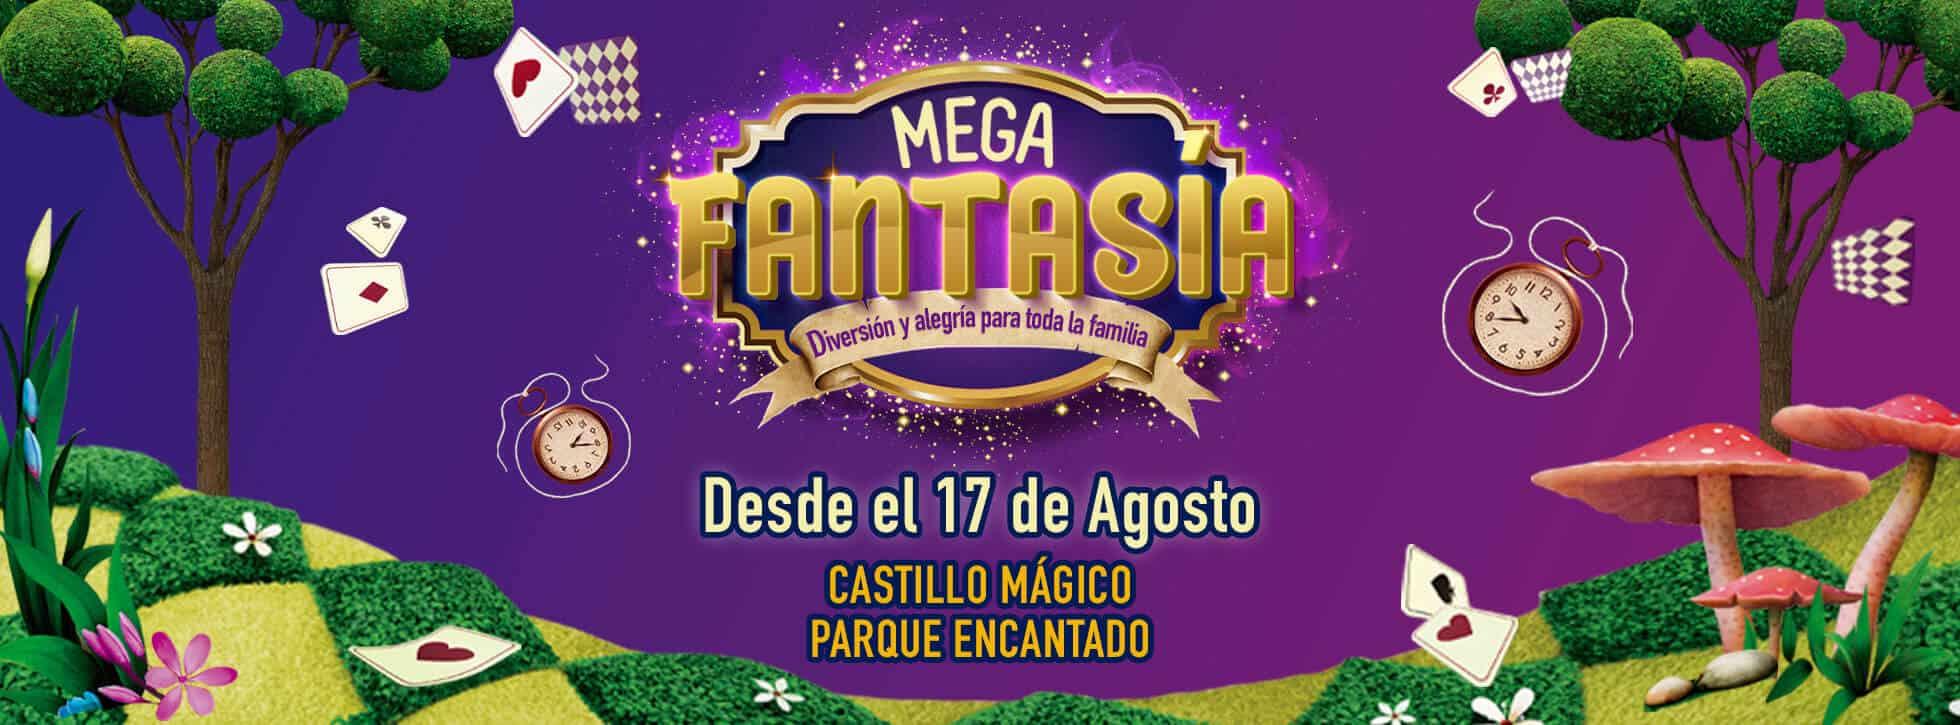 Centro Comercial Medellín - Mega Fantasía